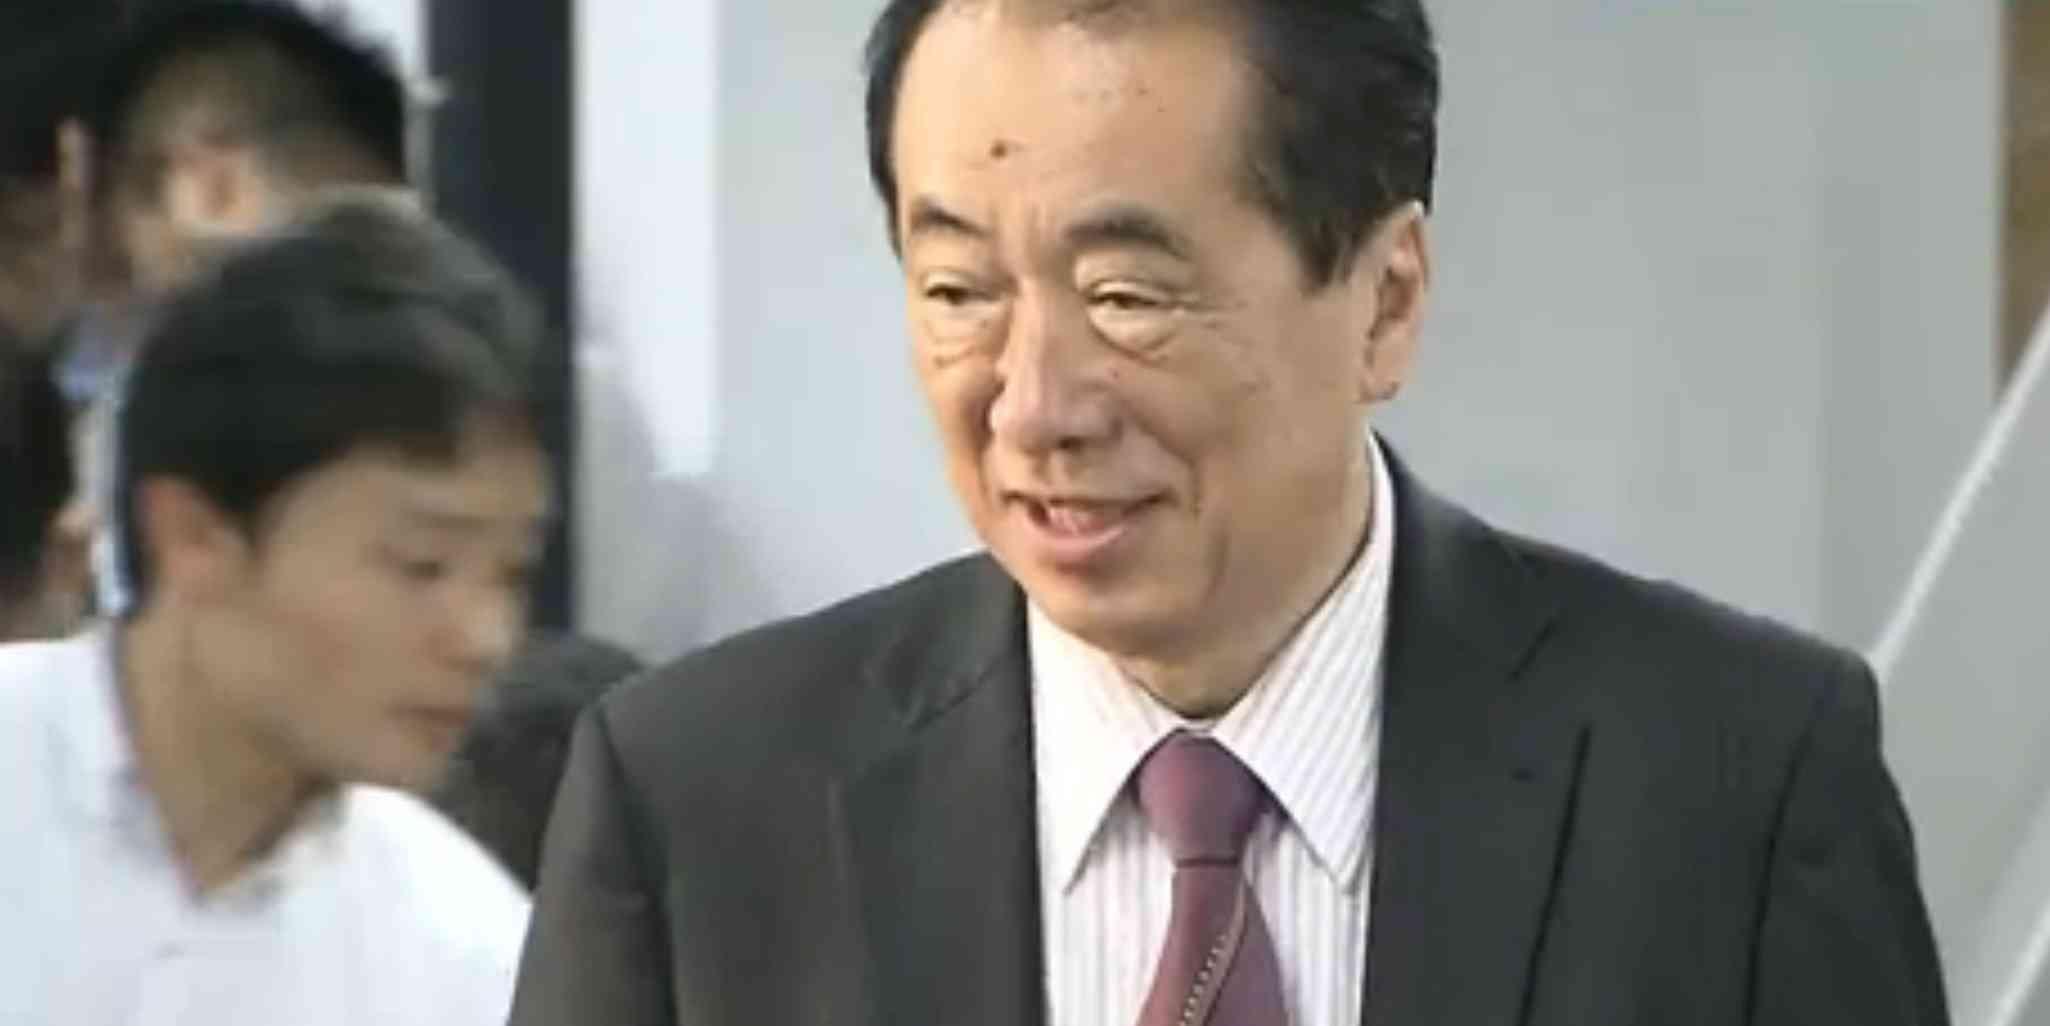 菅直人元首相は「立憲民主党」から立候補 (ホウドウキョク) - Yahoo!ニュース